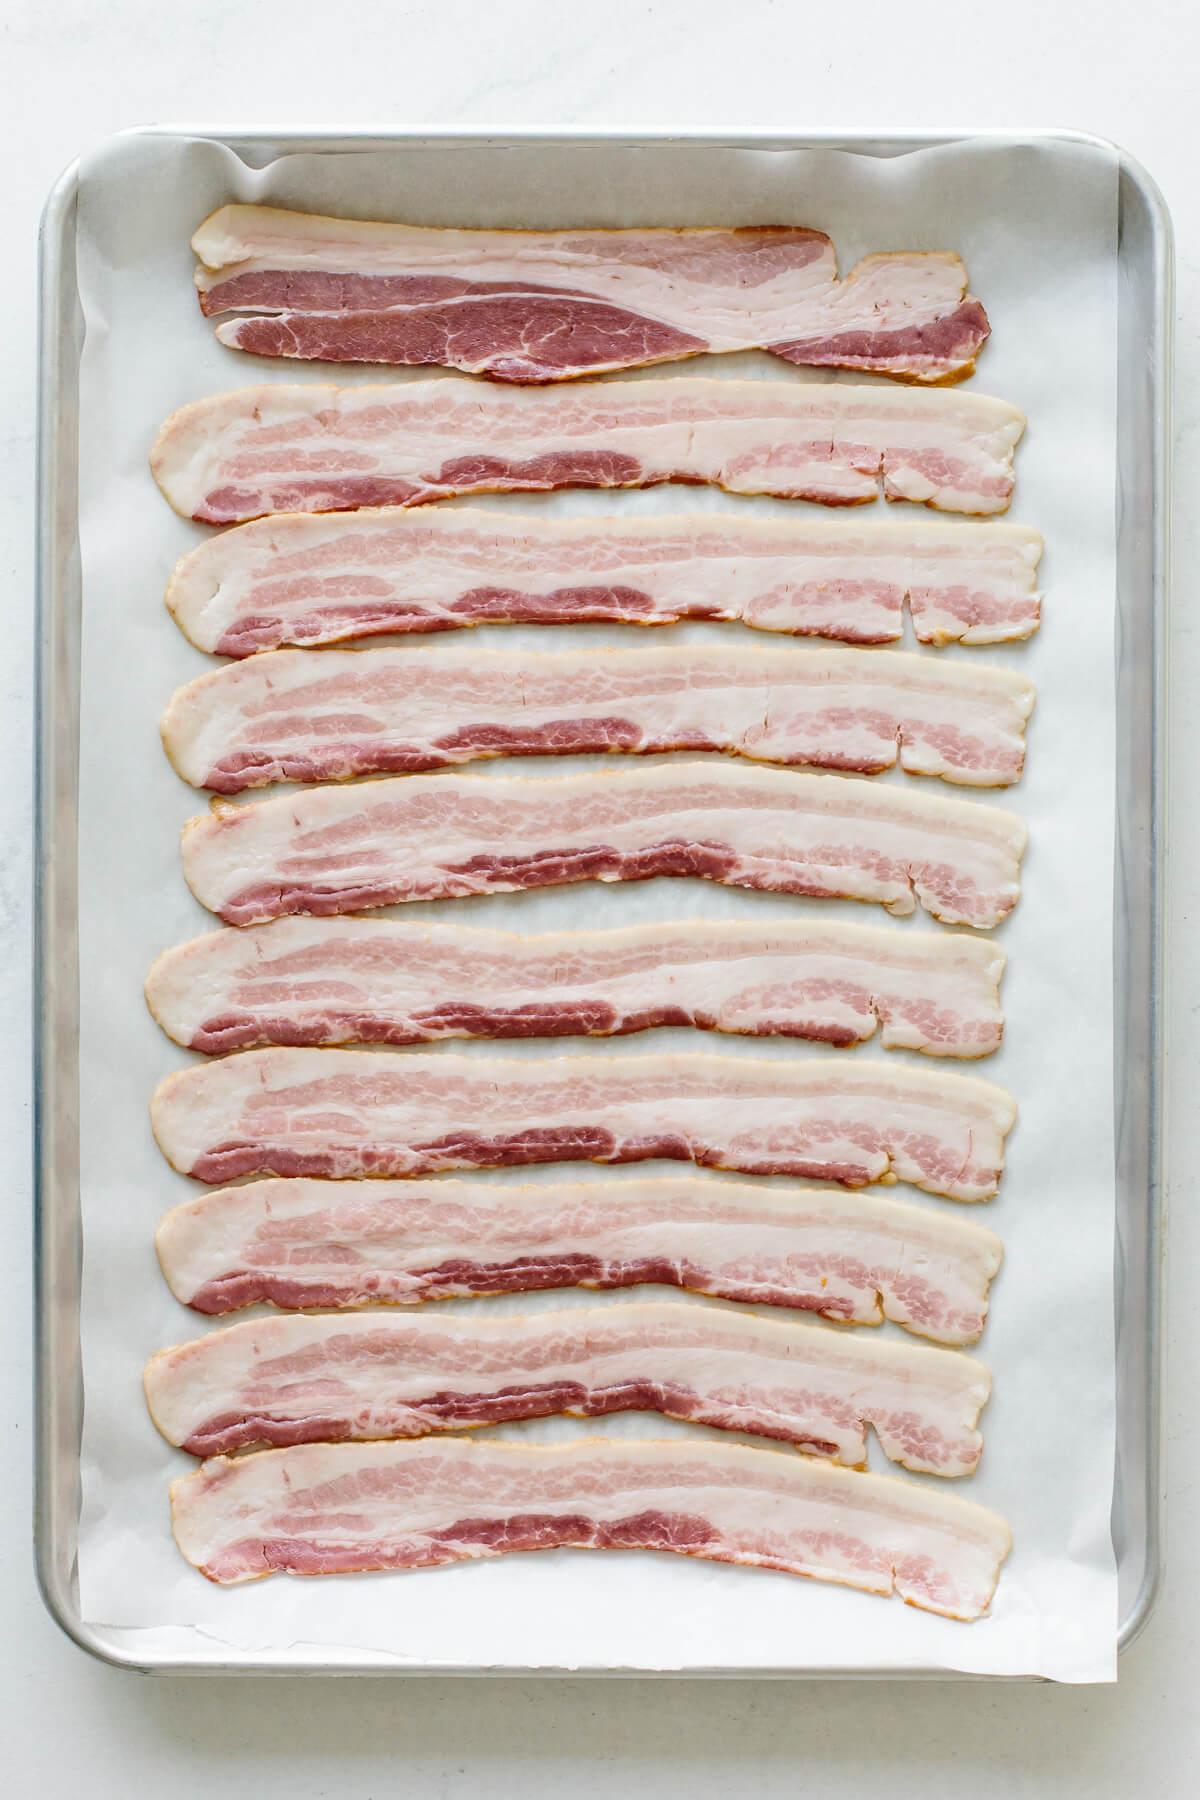 Raw bacon on a sheet tray.